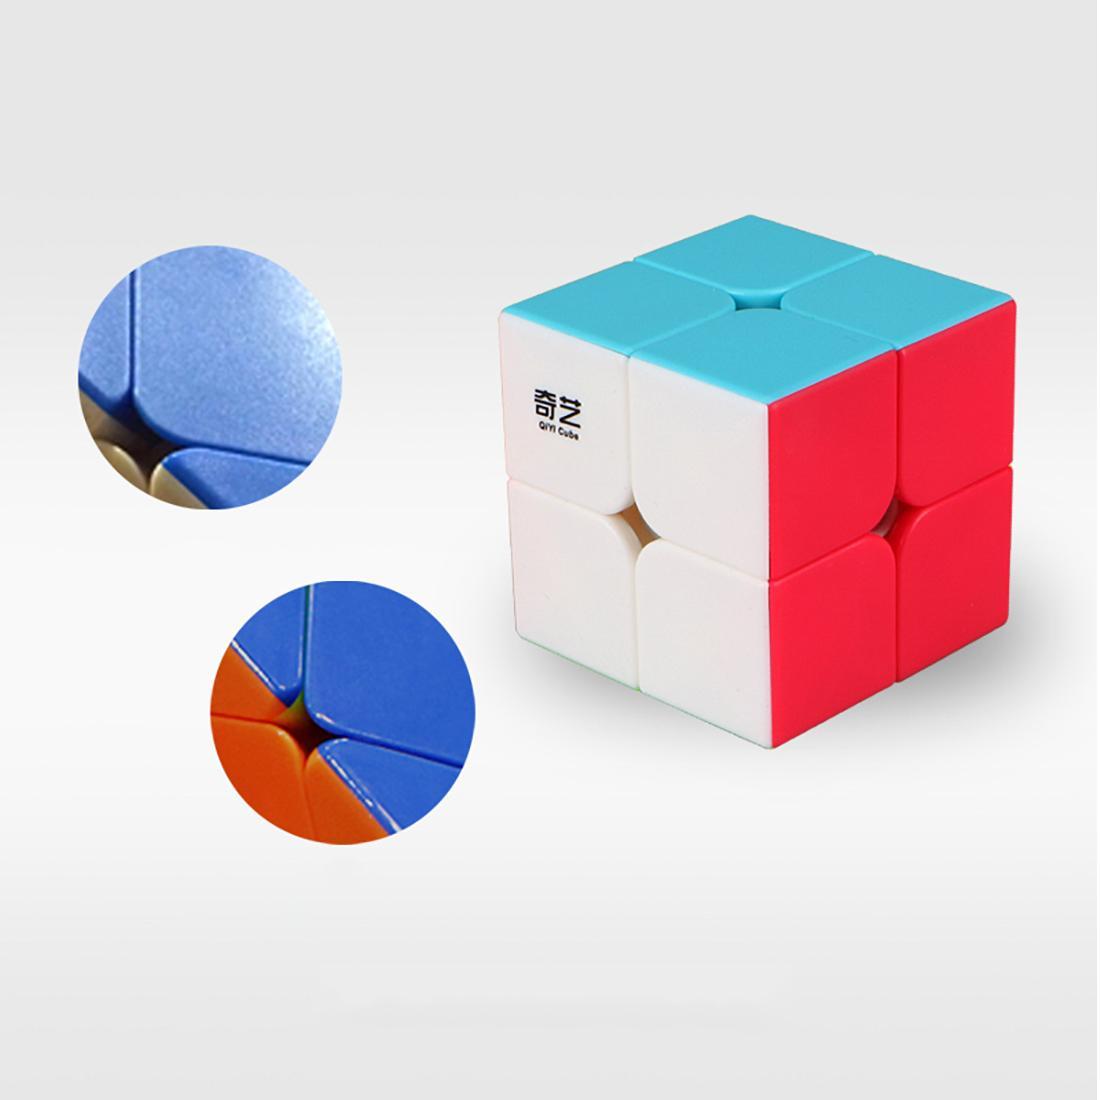 Qiyi QiDi S 2x2 Cubo Mágico Velocidade Cubo Brinquedo